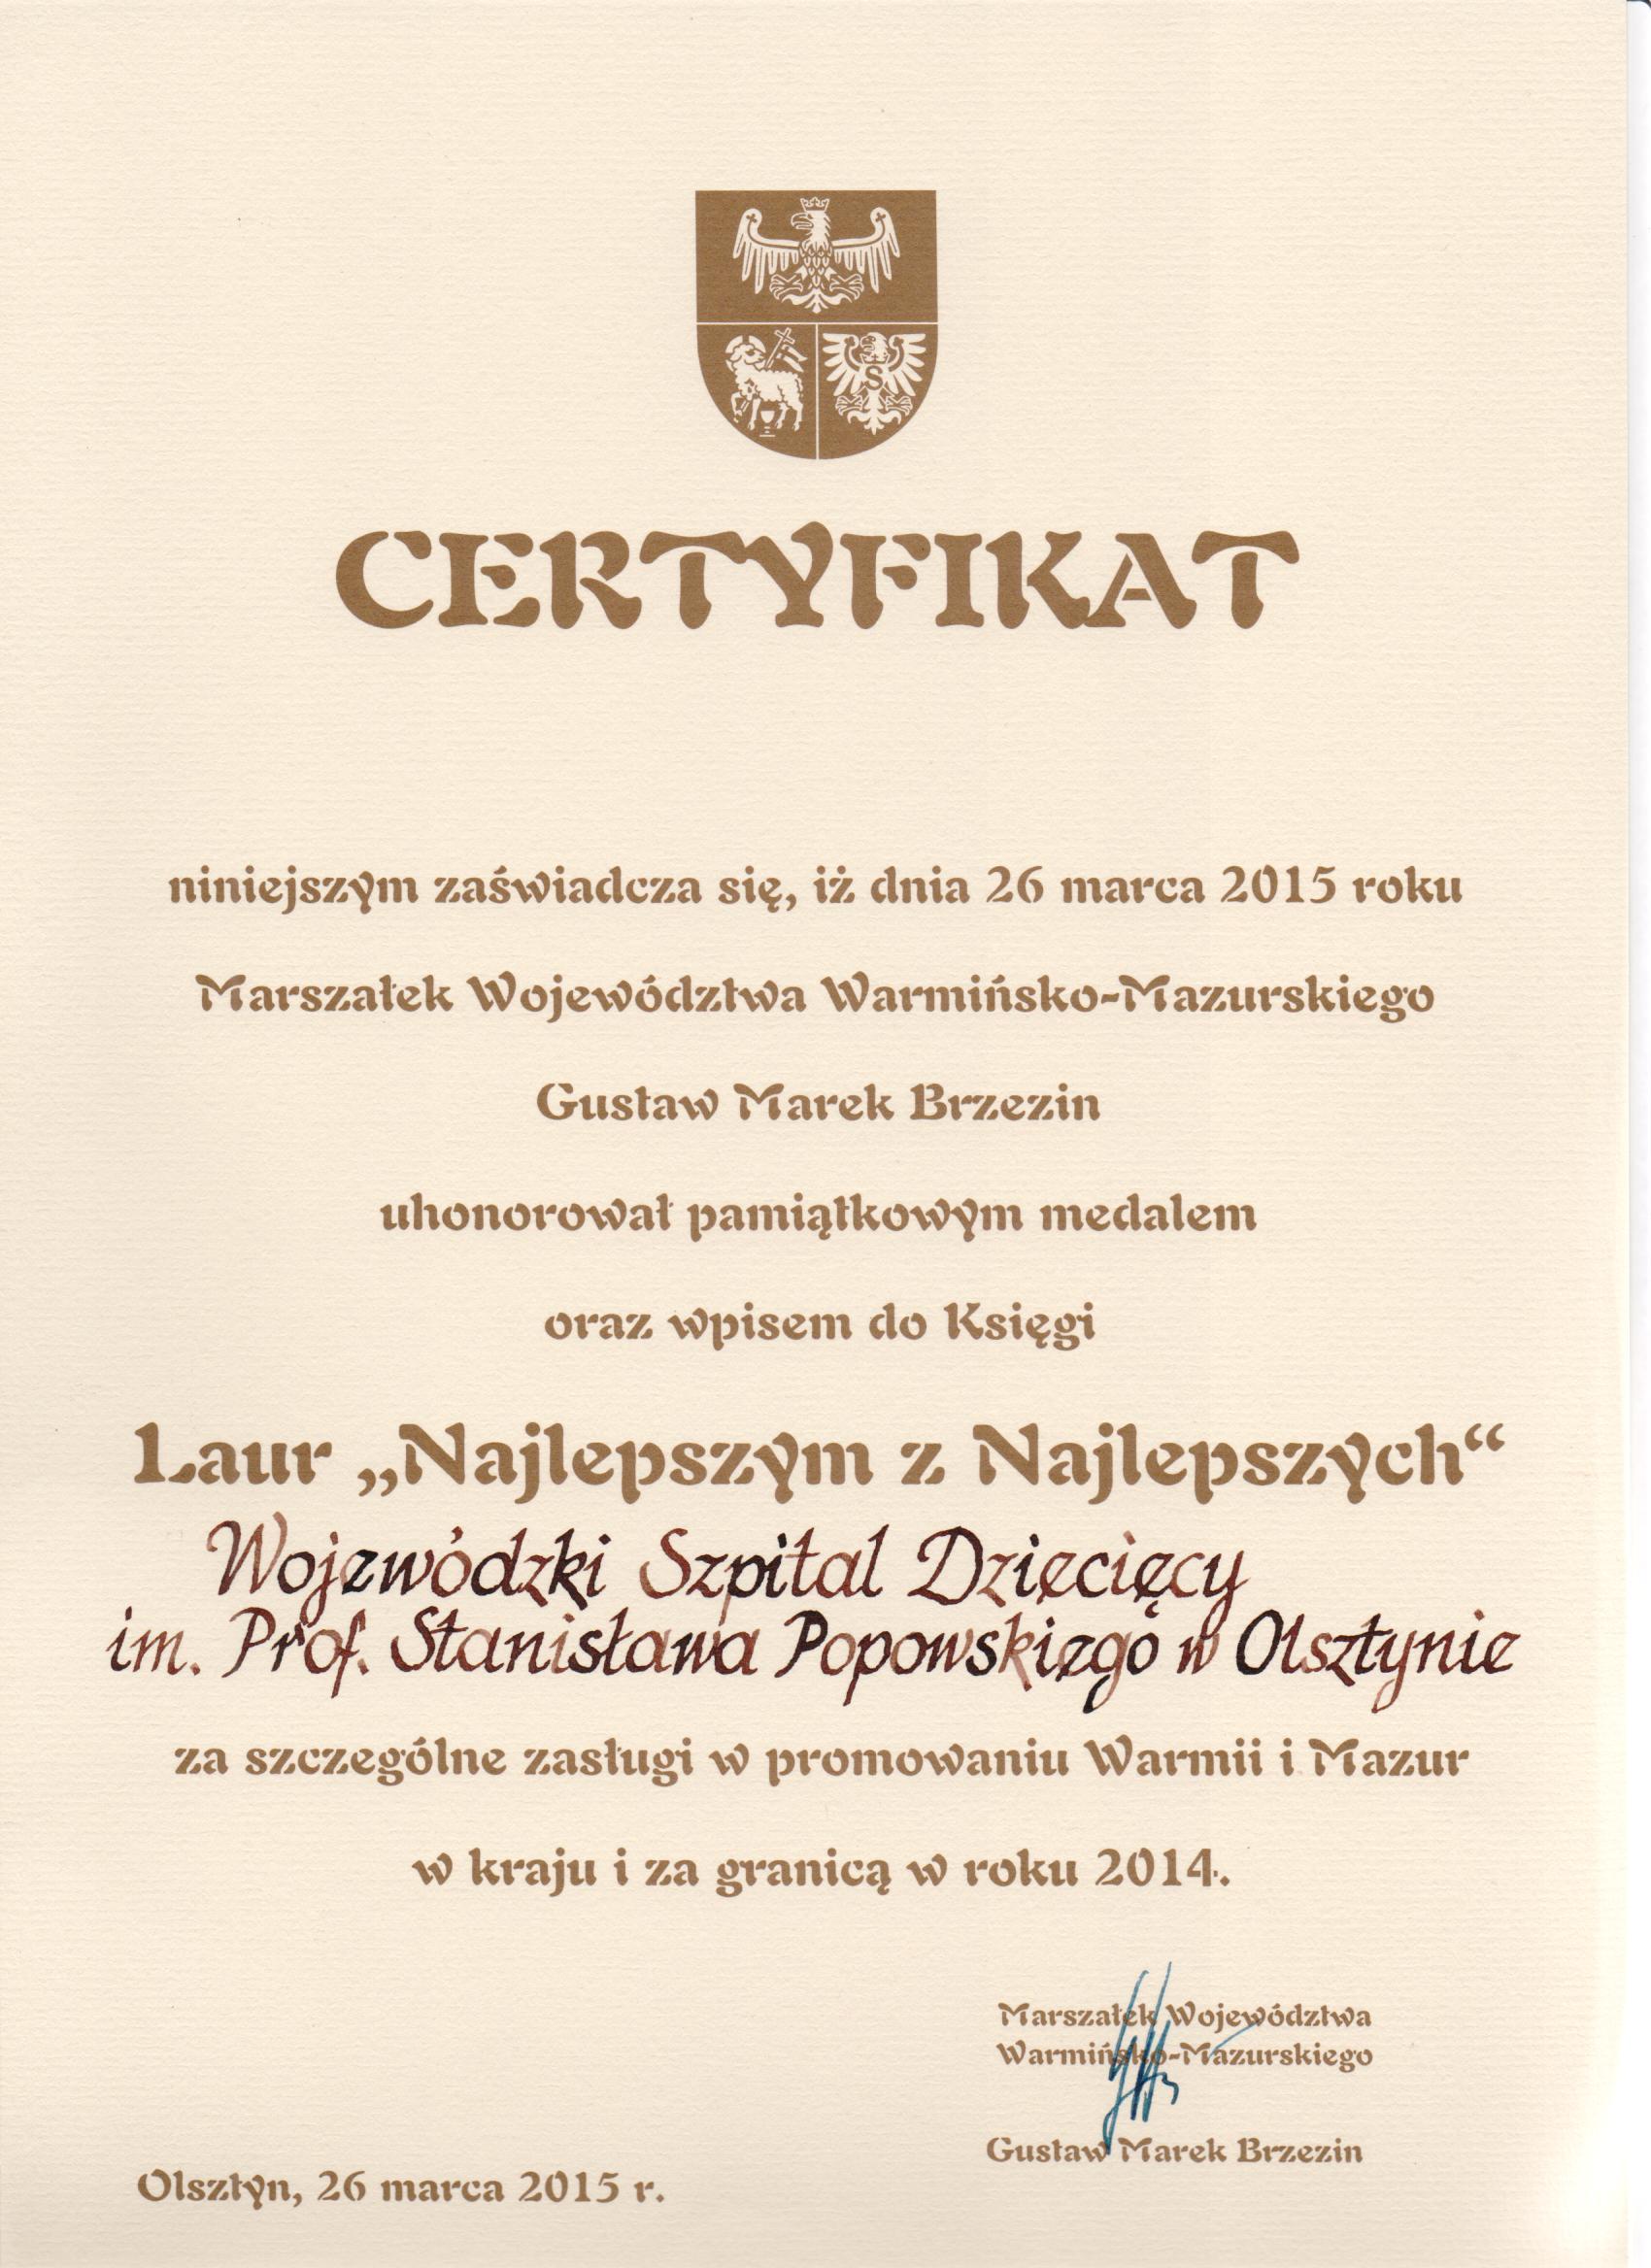 Certyfikat Laur